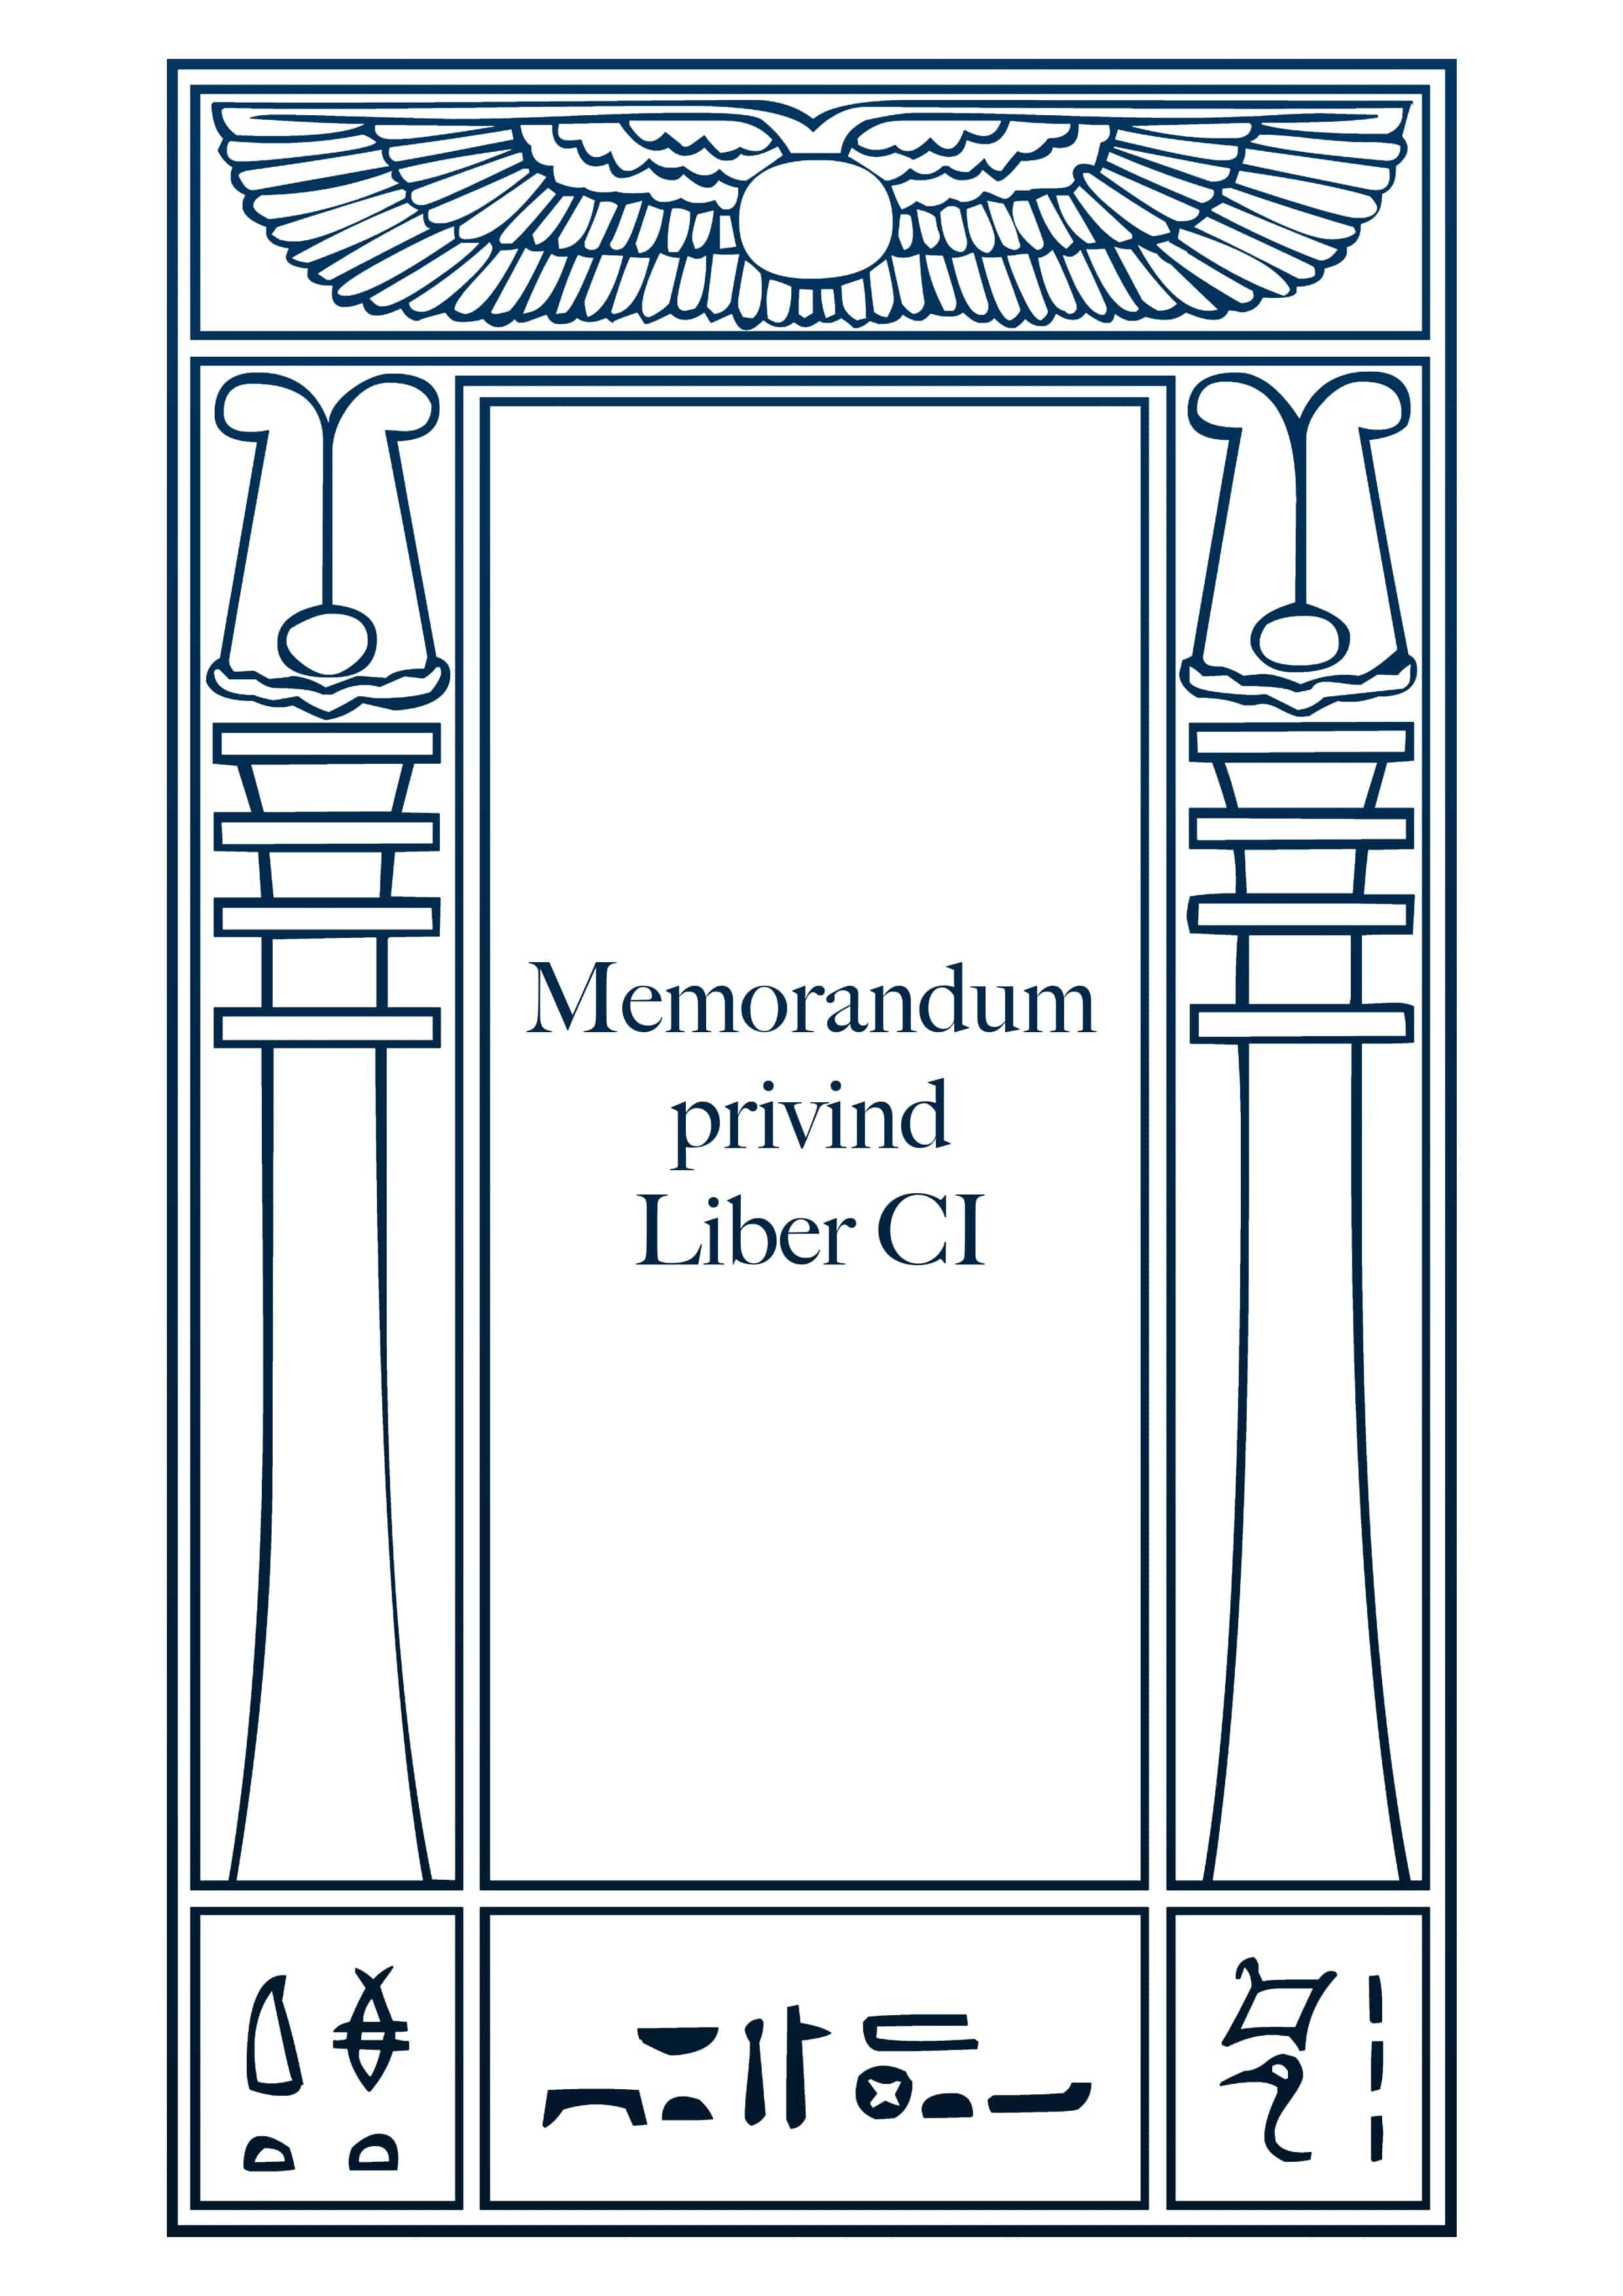 Memorandum privind Liber CI